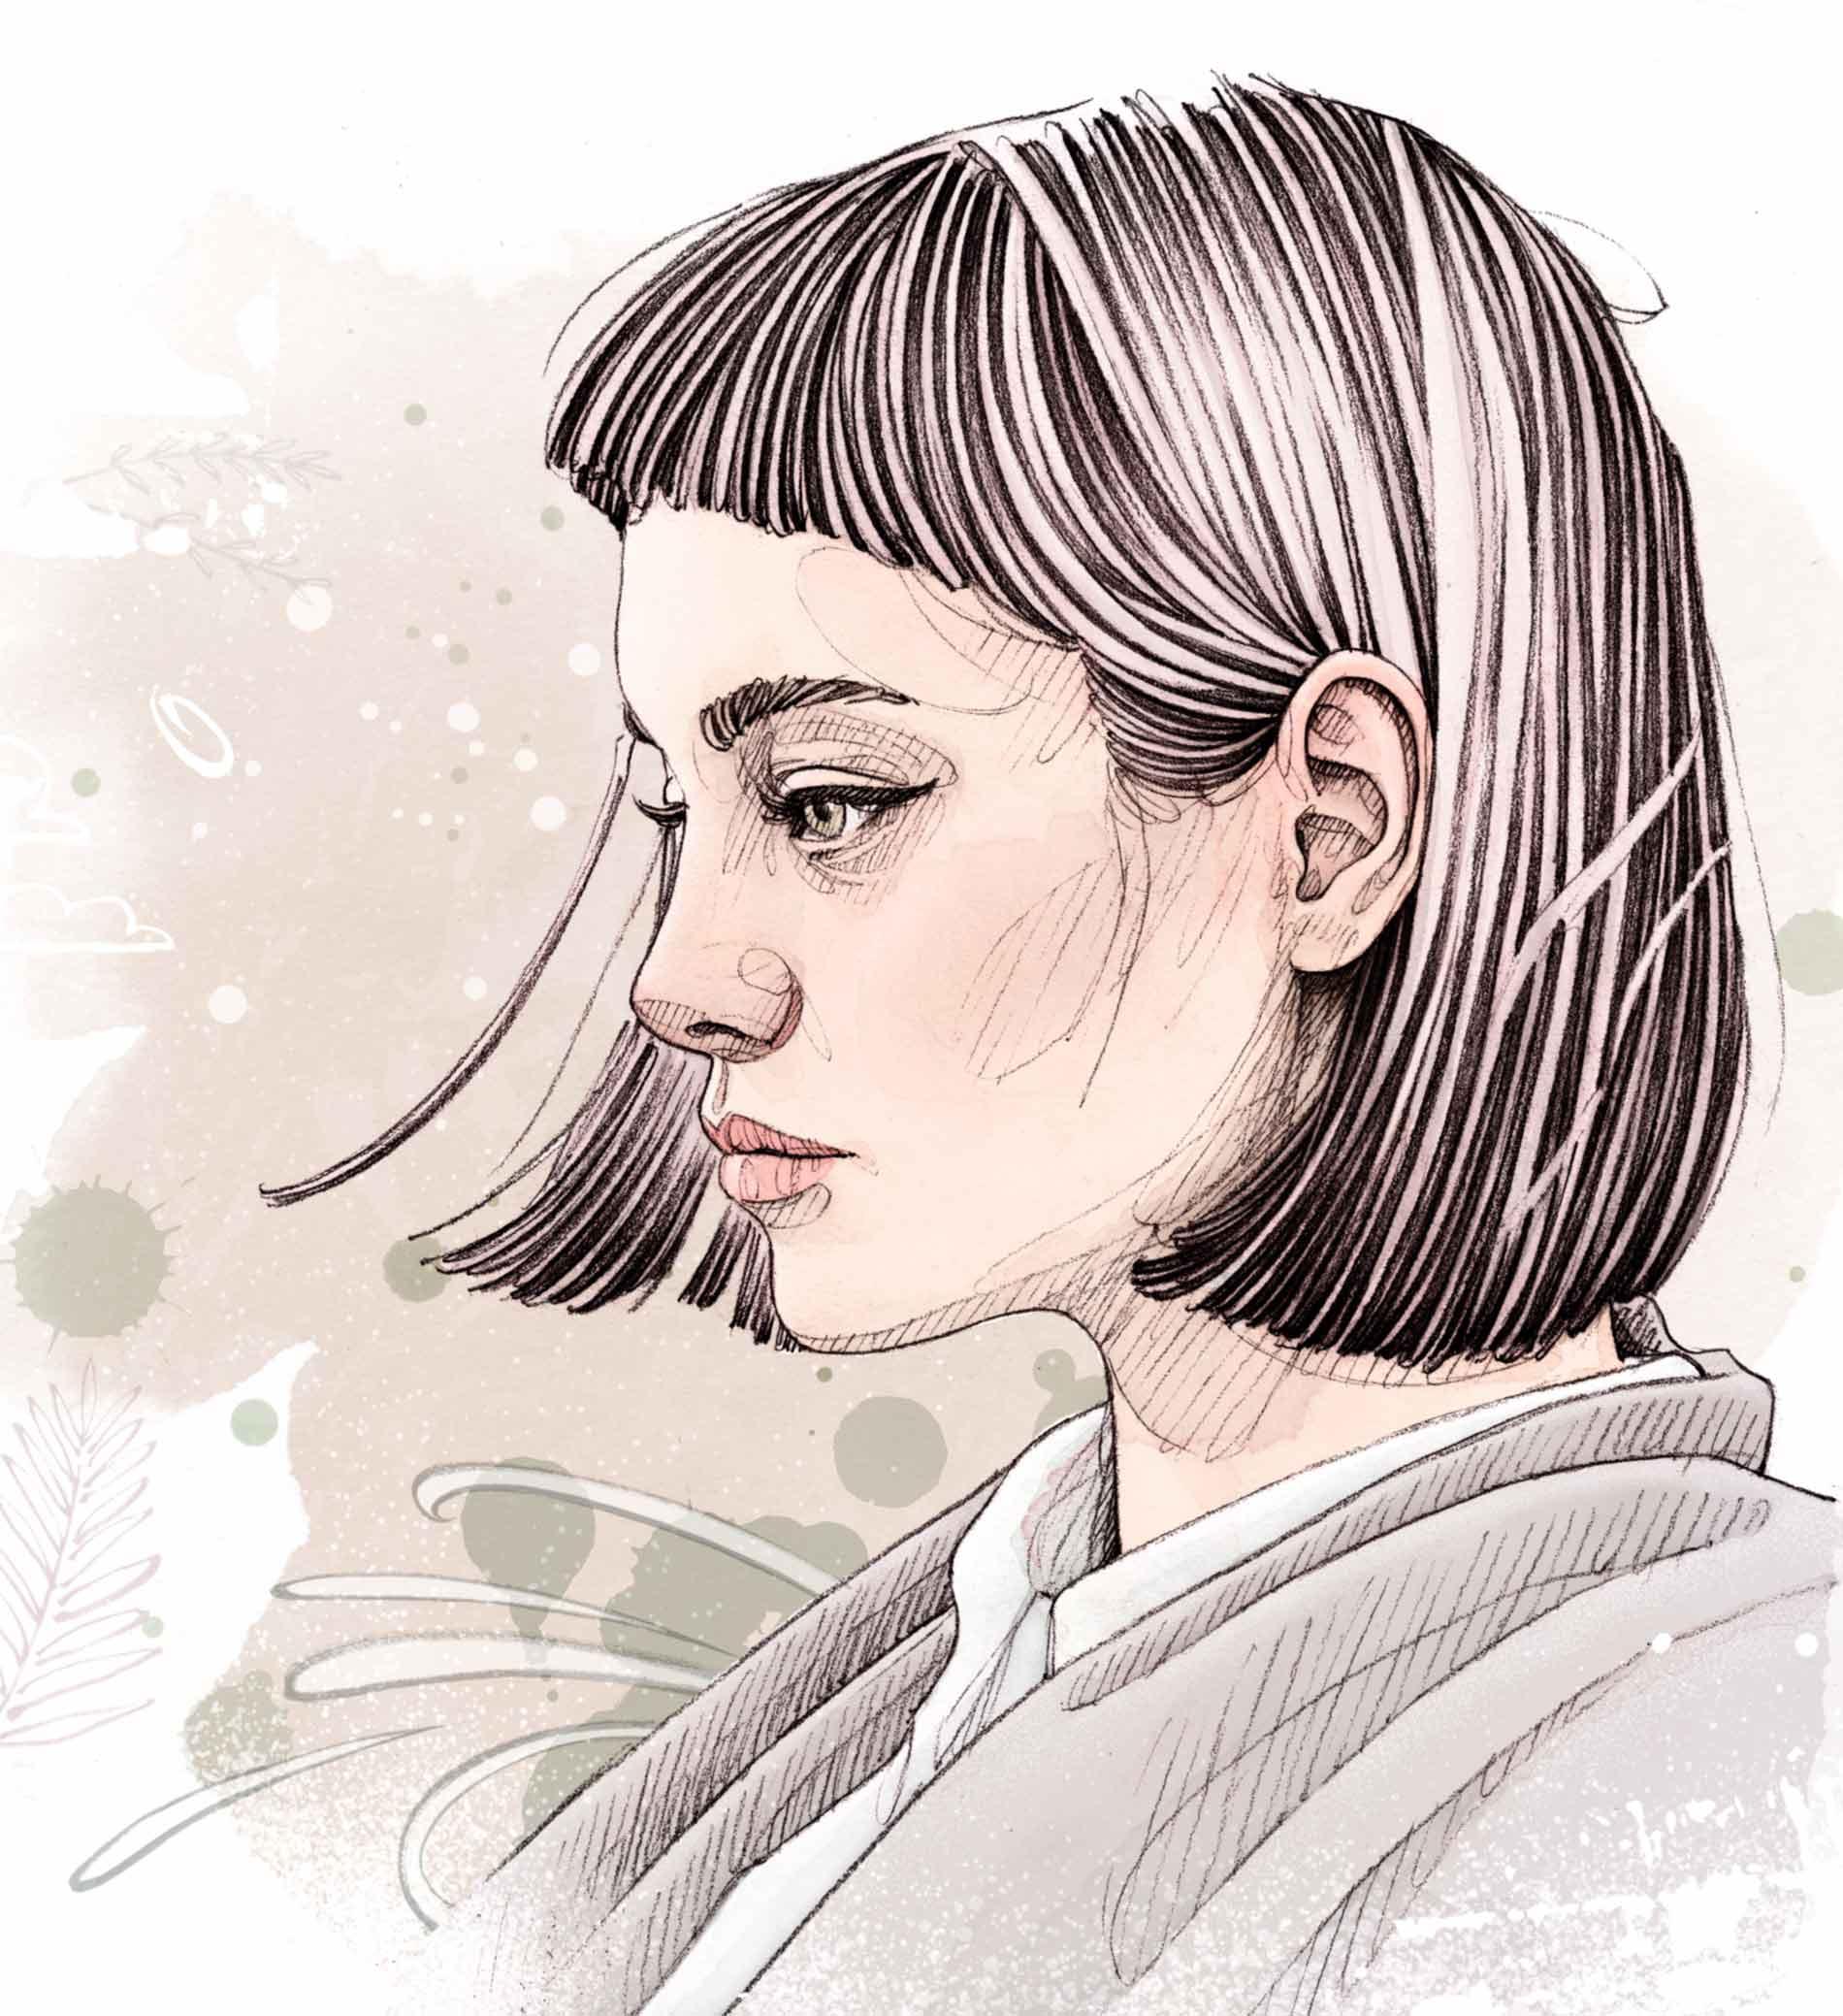 Visage de femme de profil avec une frange